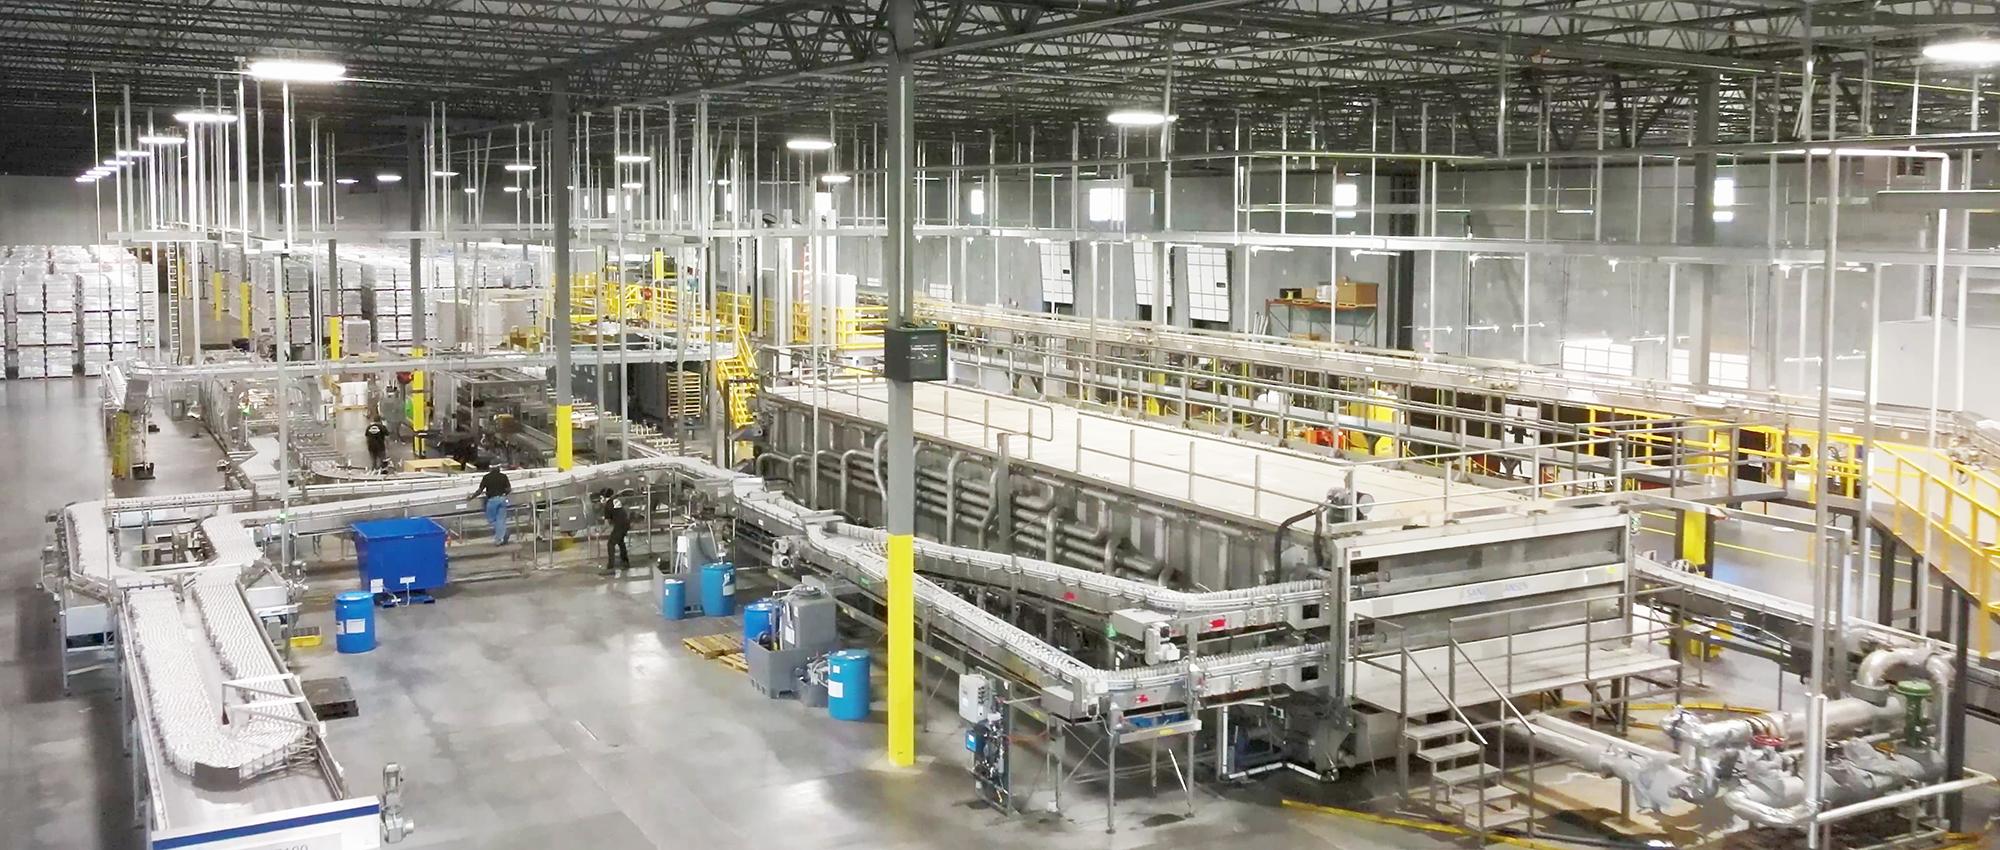 big-beverage-facility3